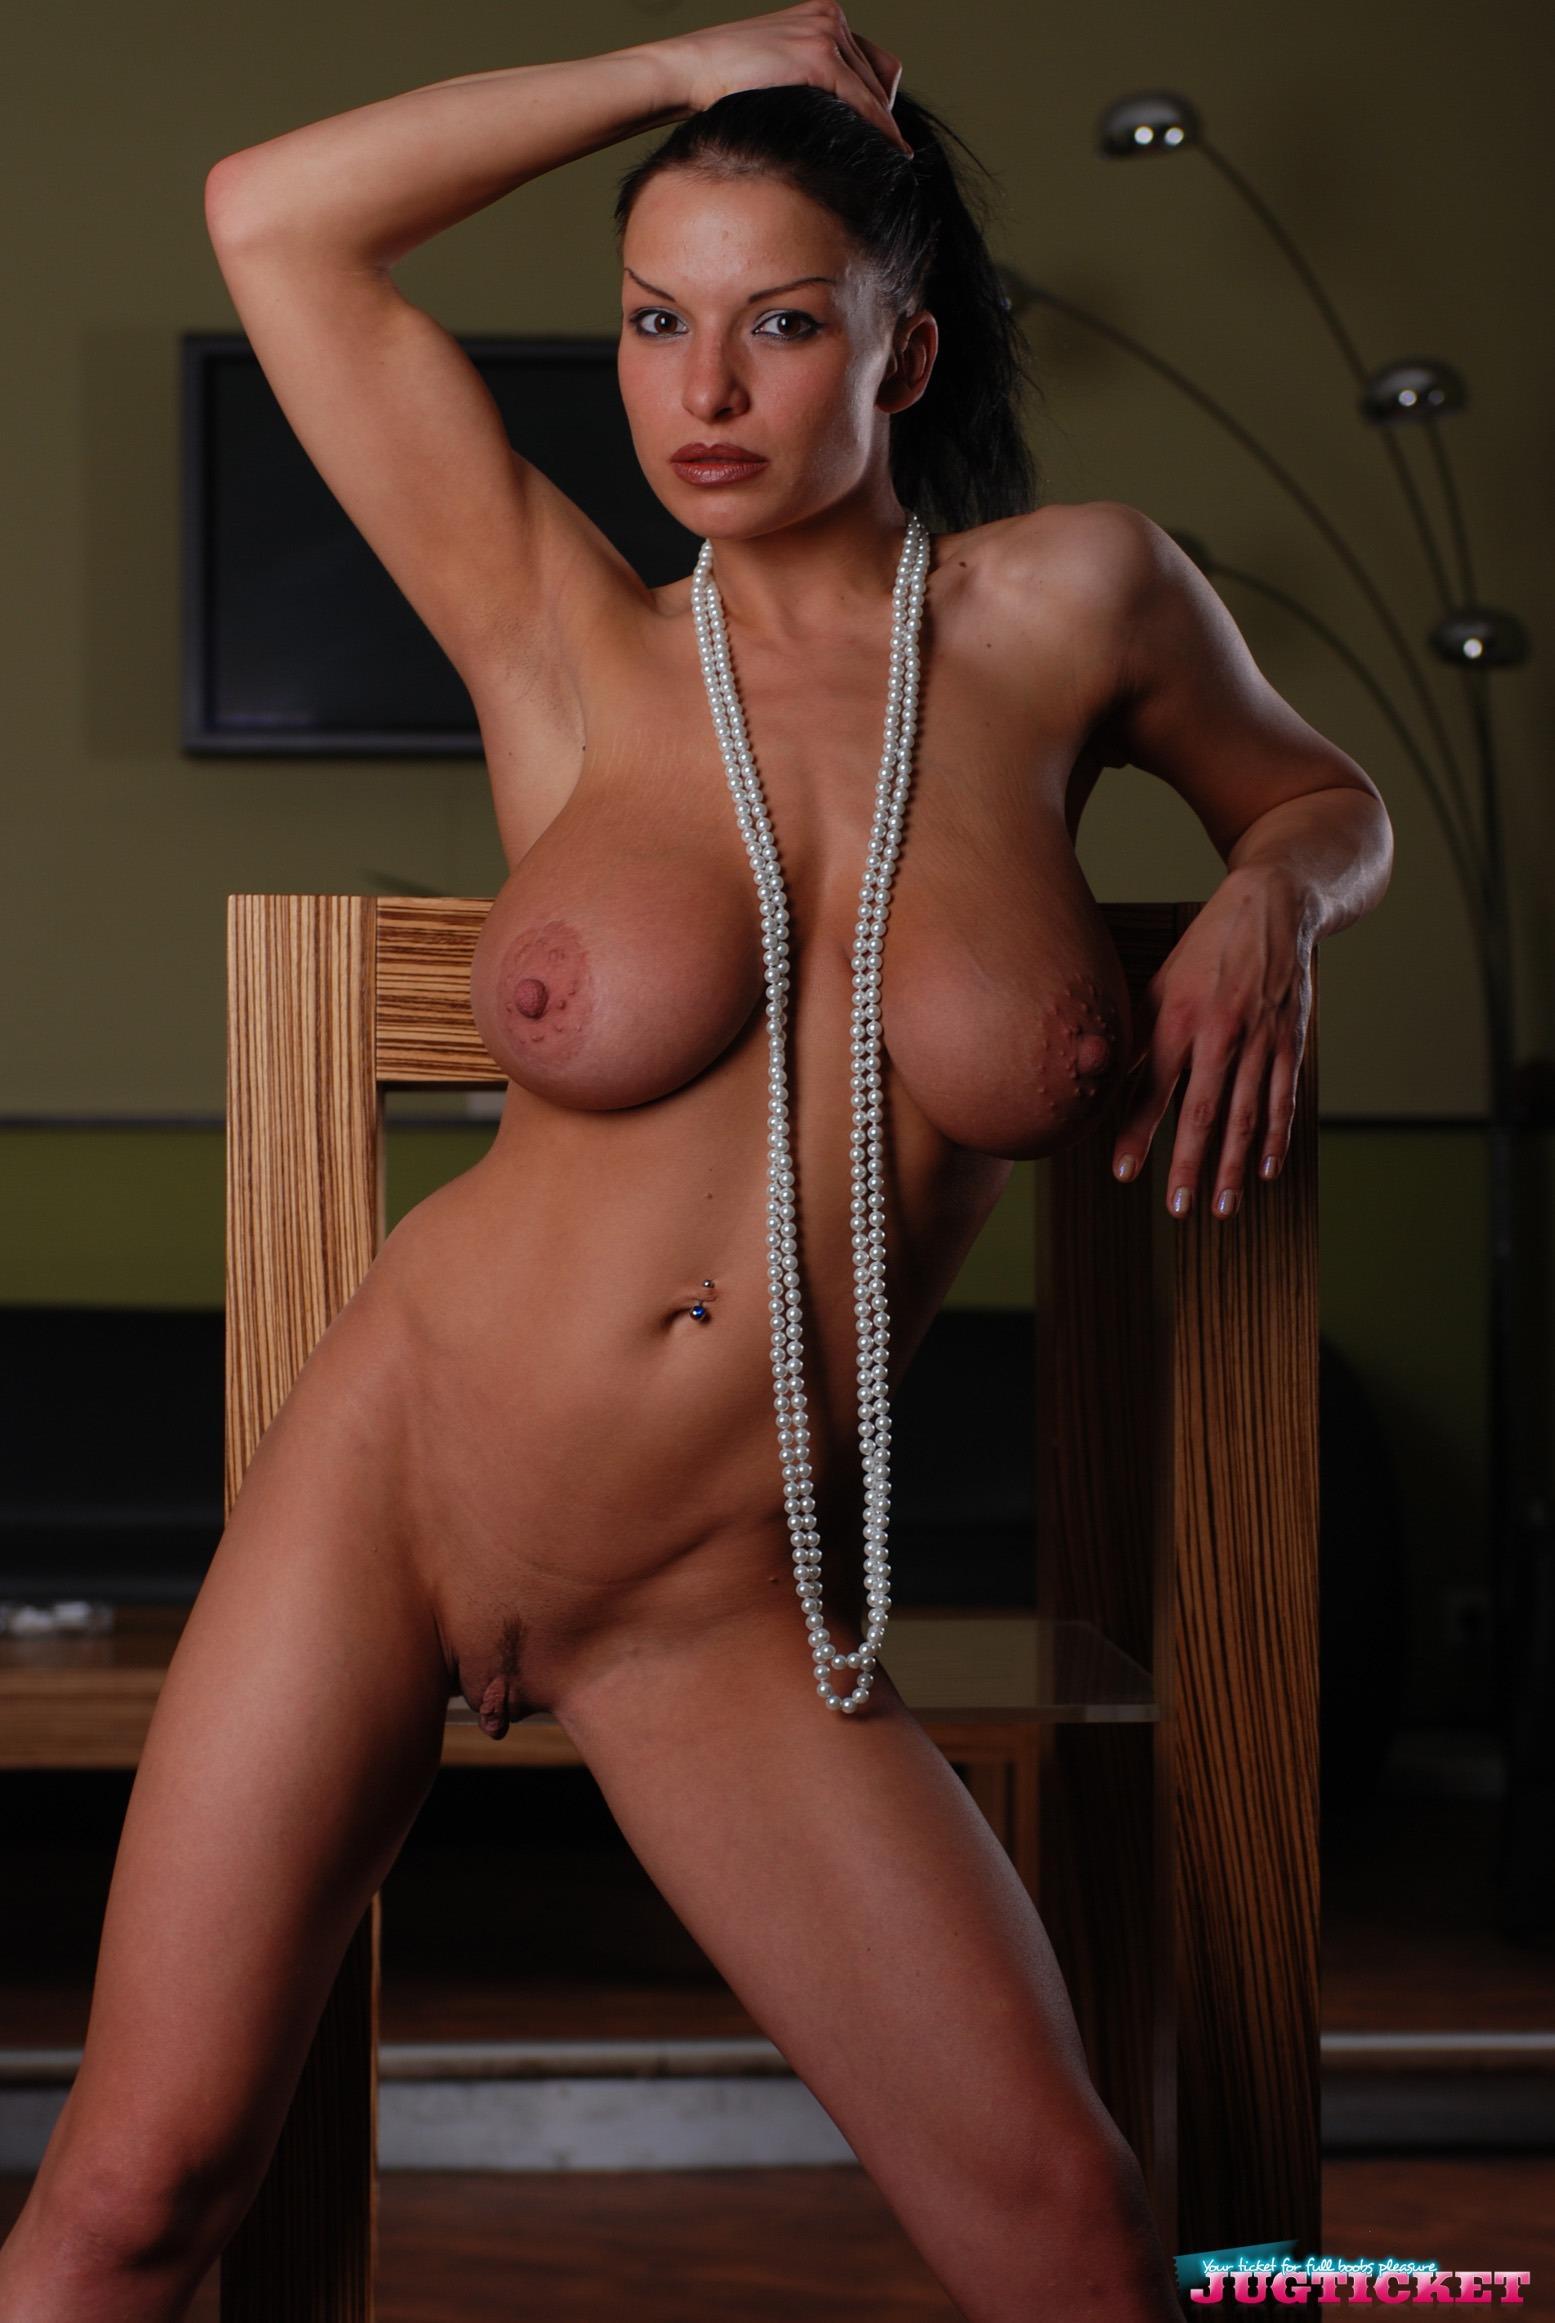 Jenny mcclain strips her bikini top to free her big titties 9